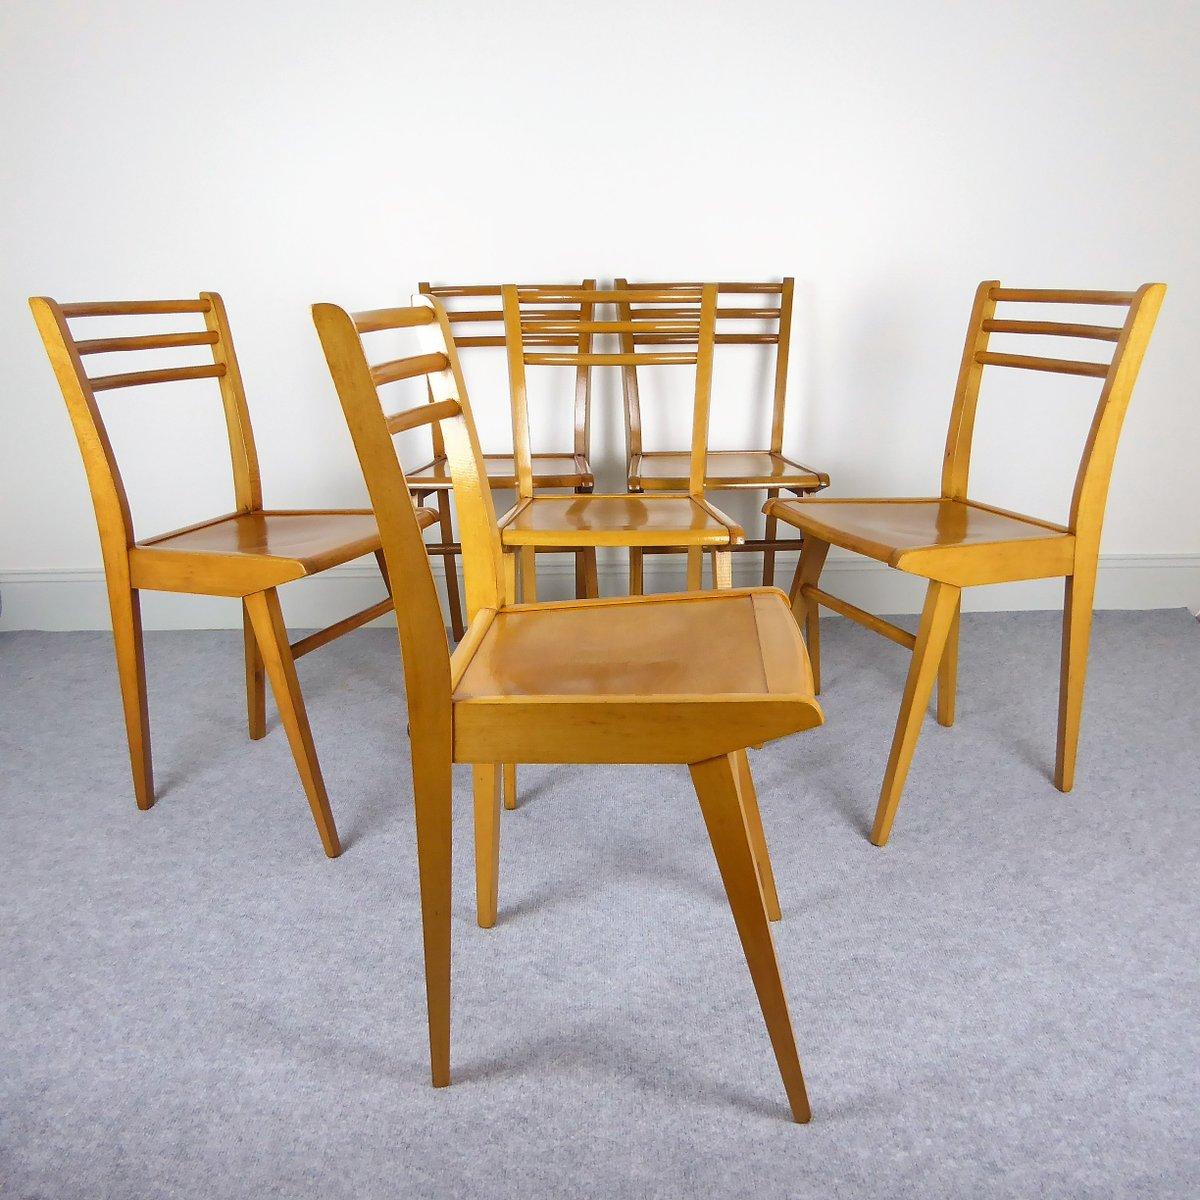 buchenholz esszimmerst hle von luterma 1950er 6er set. Black Bedroom Furniture Sets. Home Design Ideas